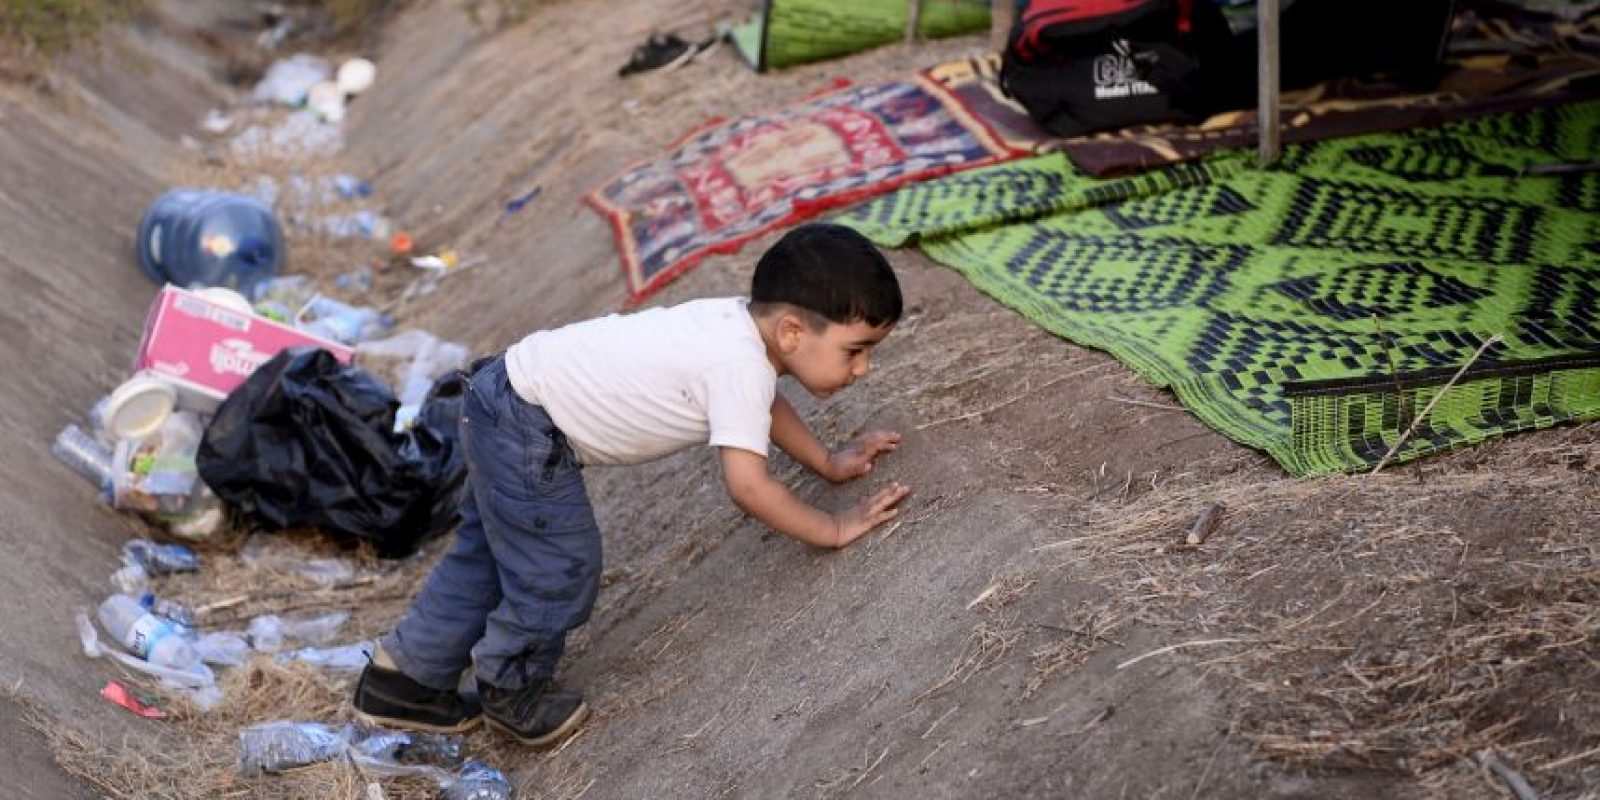 3.6 millones de niños de las comunidades vulnerables en las que se albergan otros refugiados. Foto:Getty Images